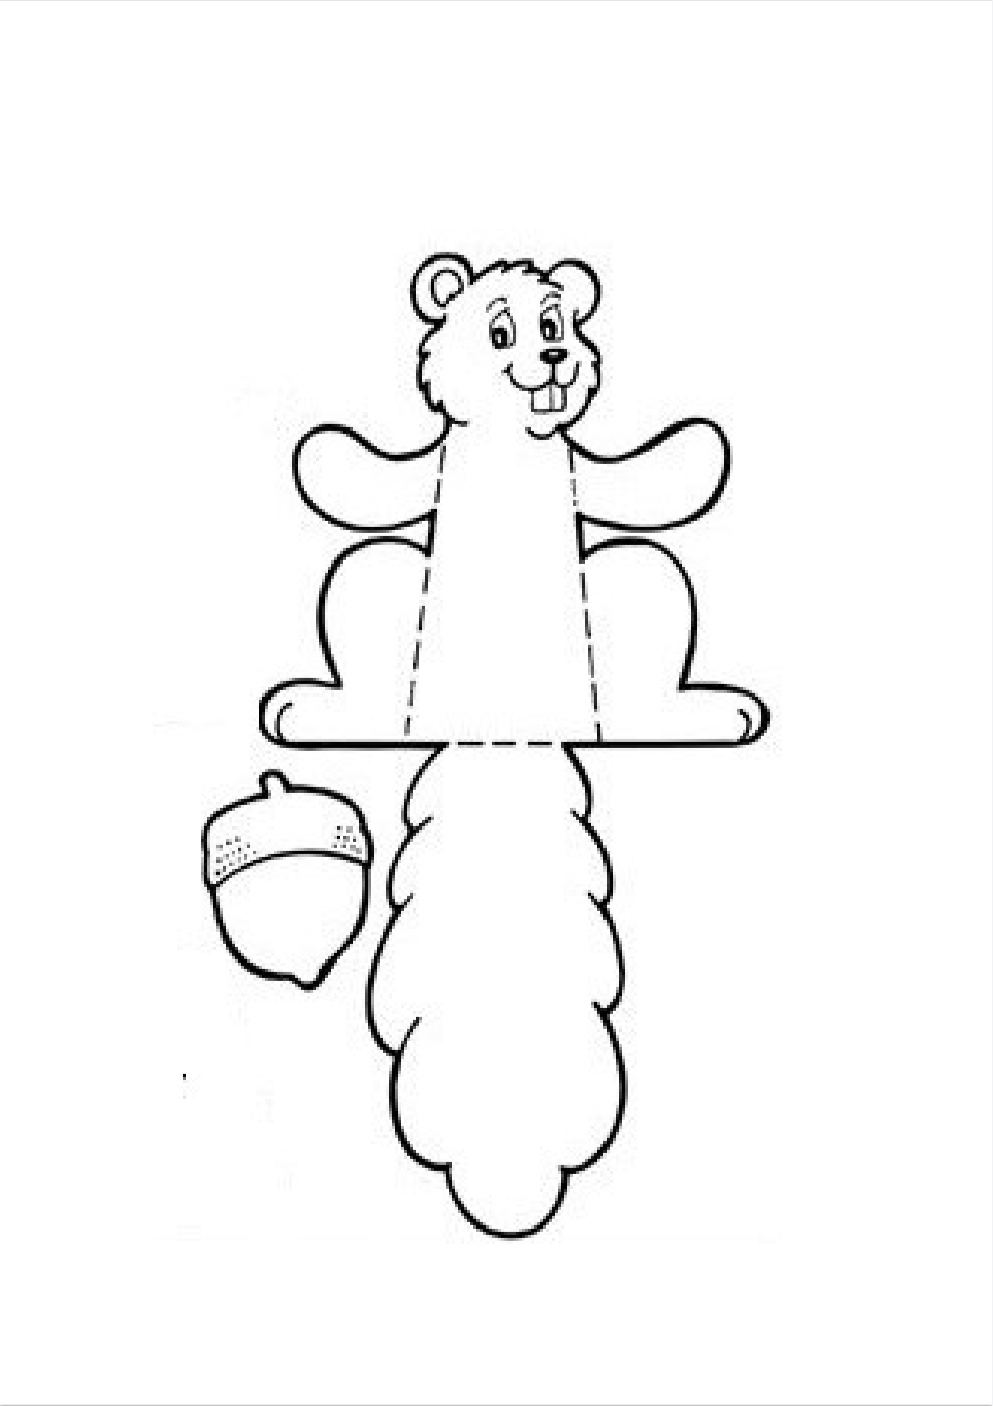 Matematica creativa con ghiande e scoiattoli